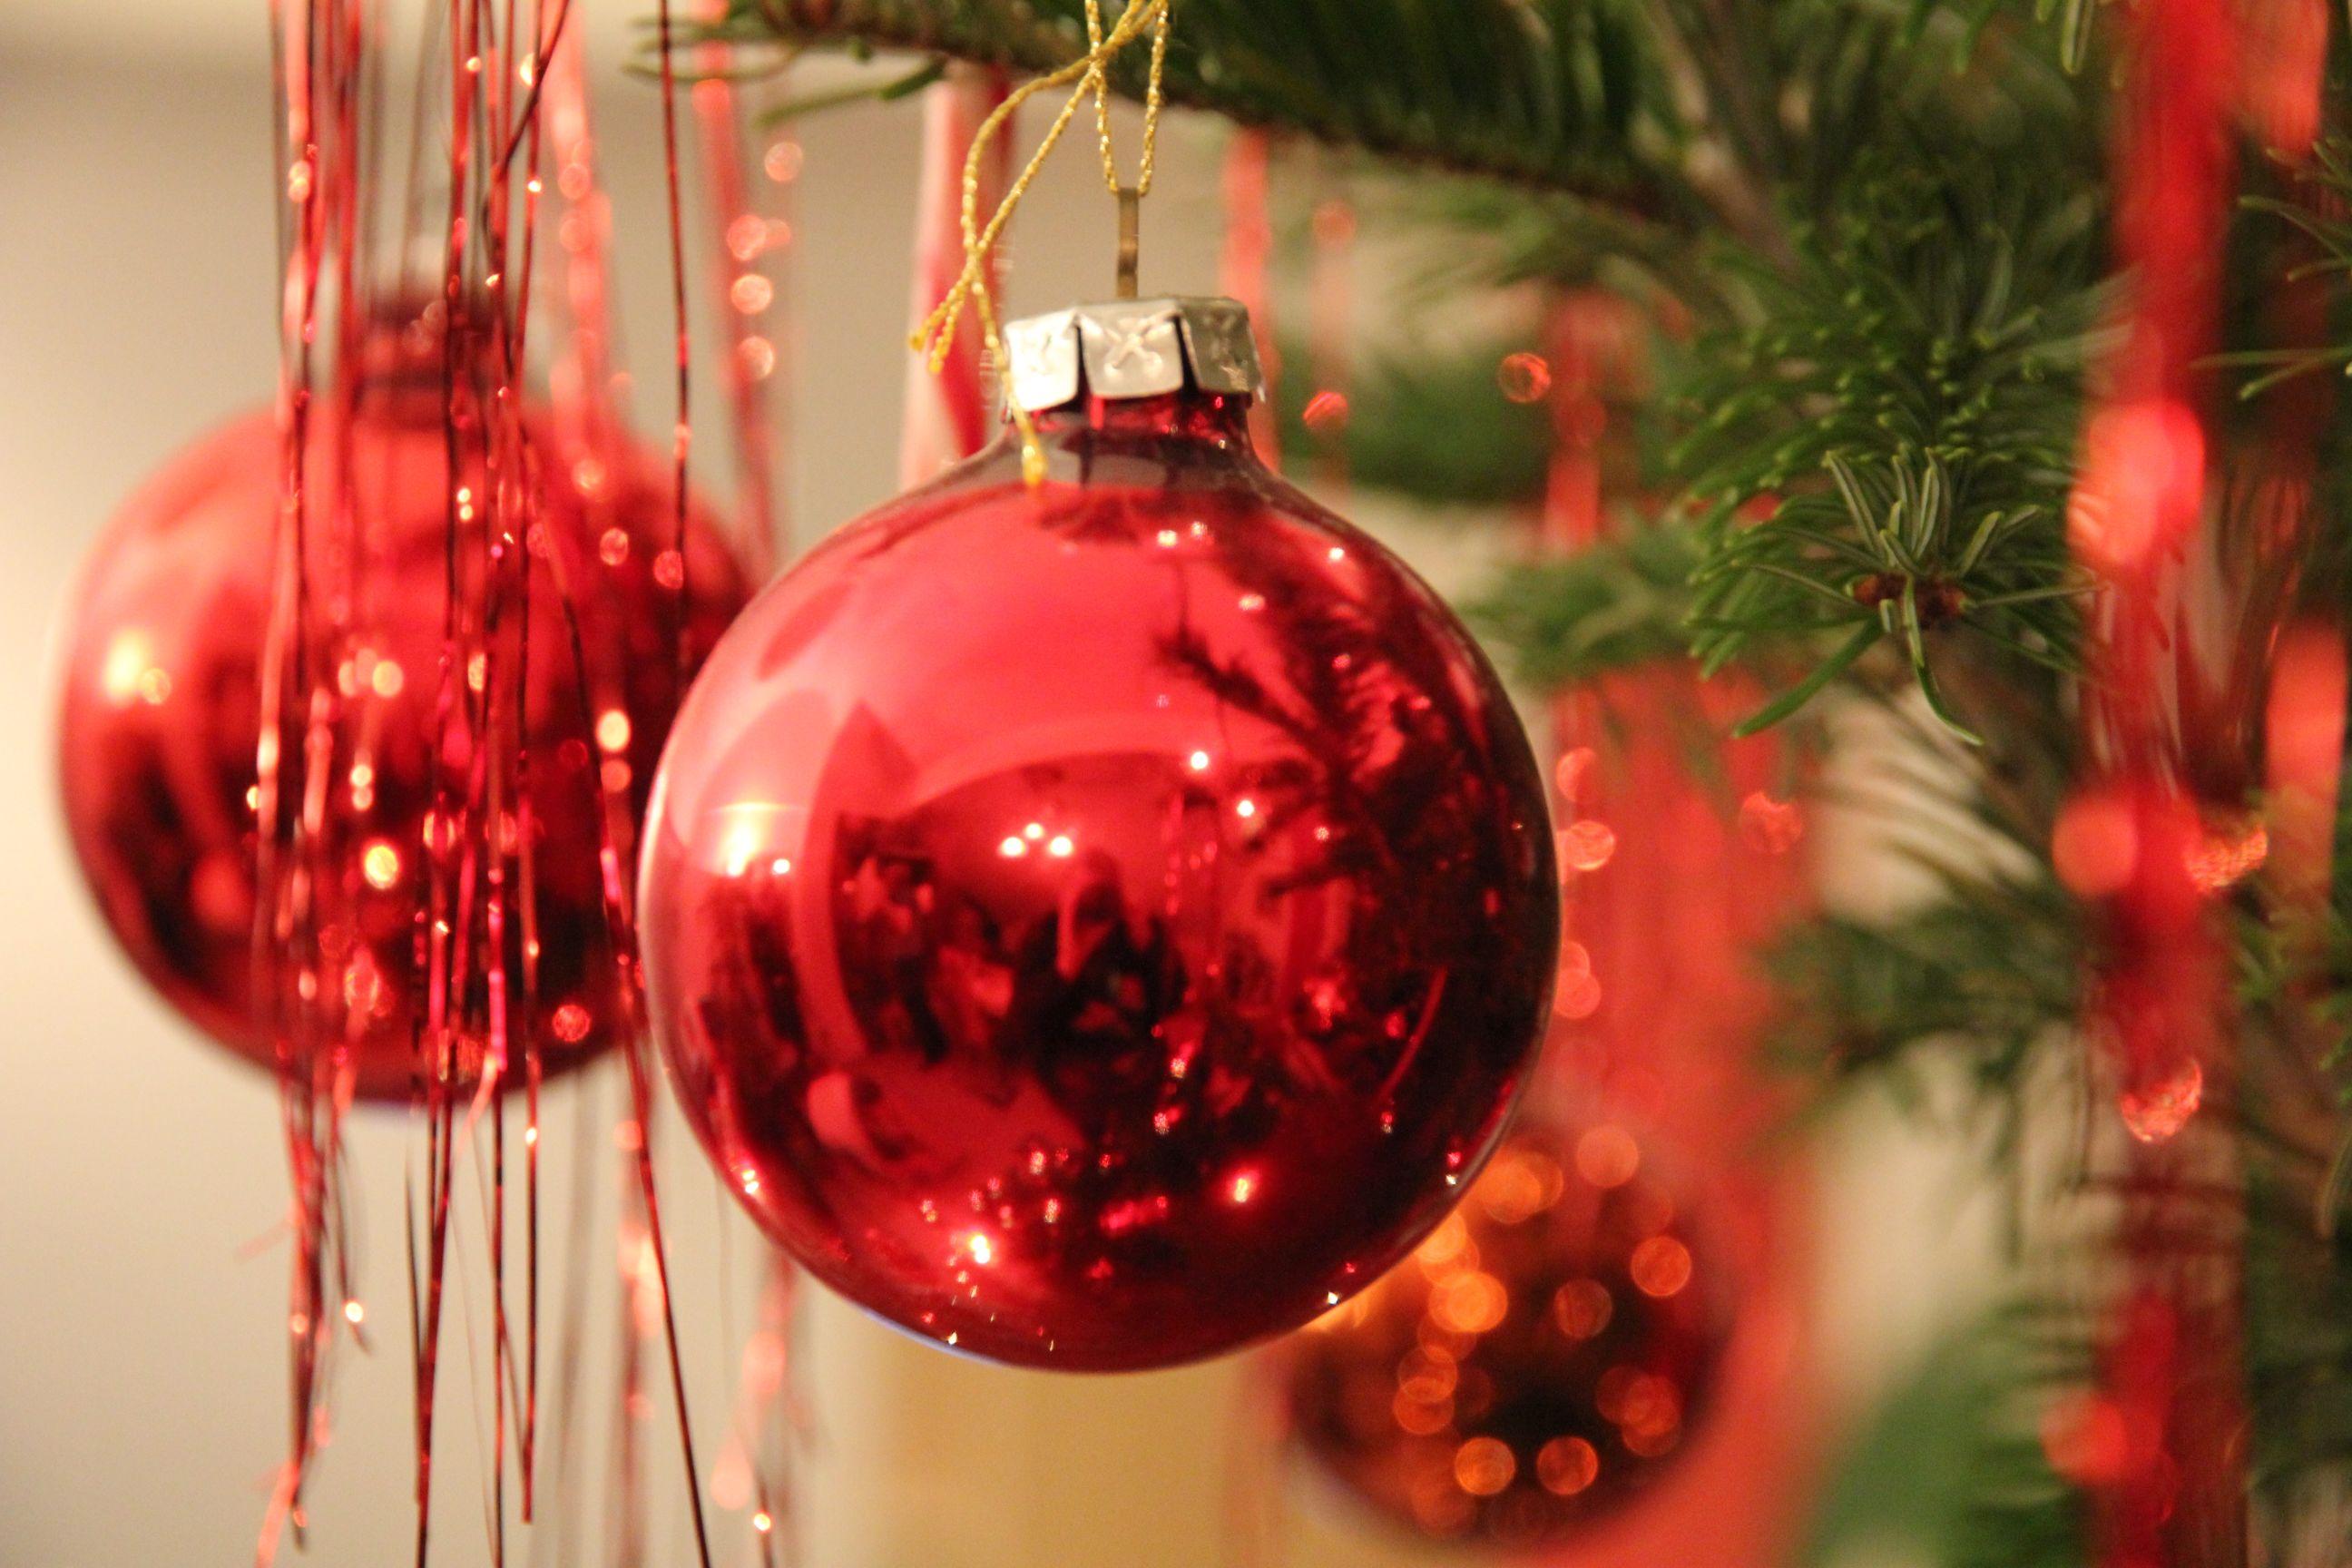 die besten weihnachtsgeschenke f r bulli fans unsere top 11. Black Bedroom Furniture Sets. Home Design Ideas